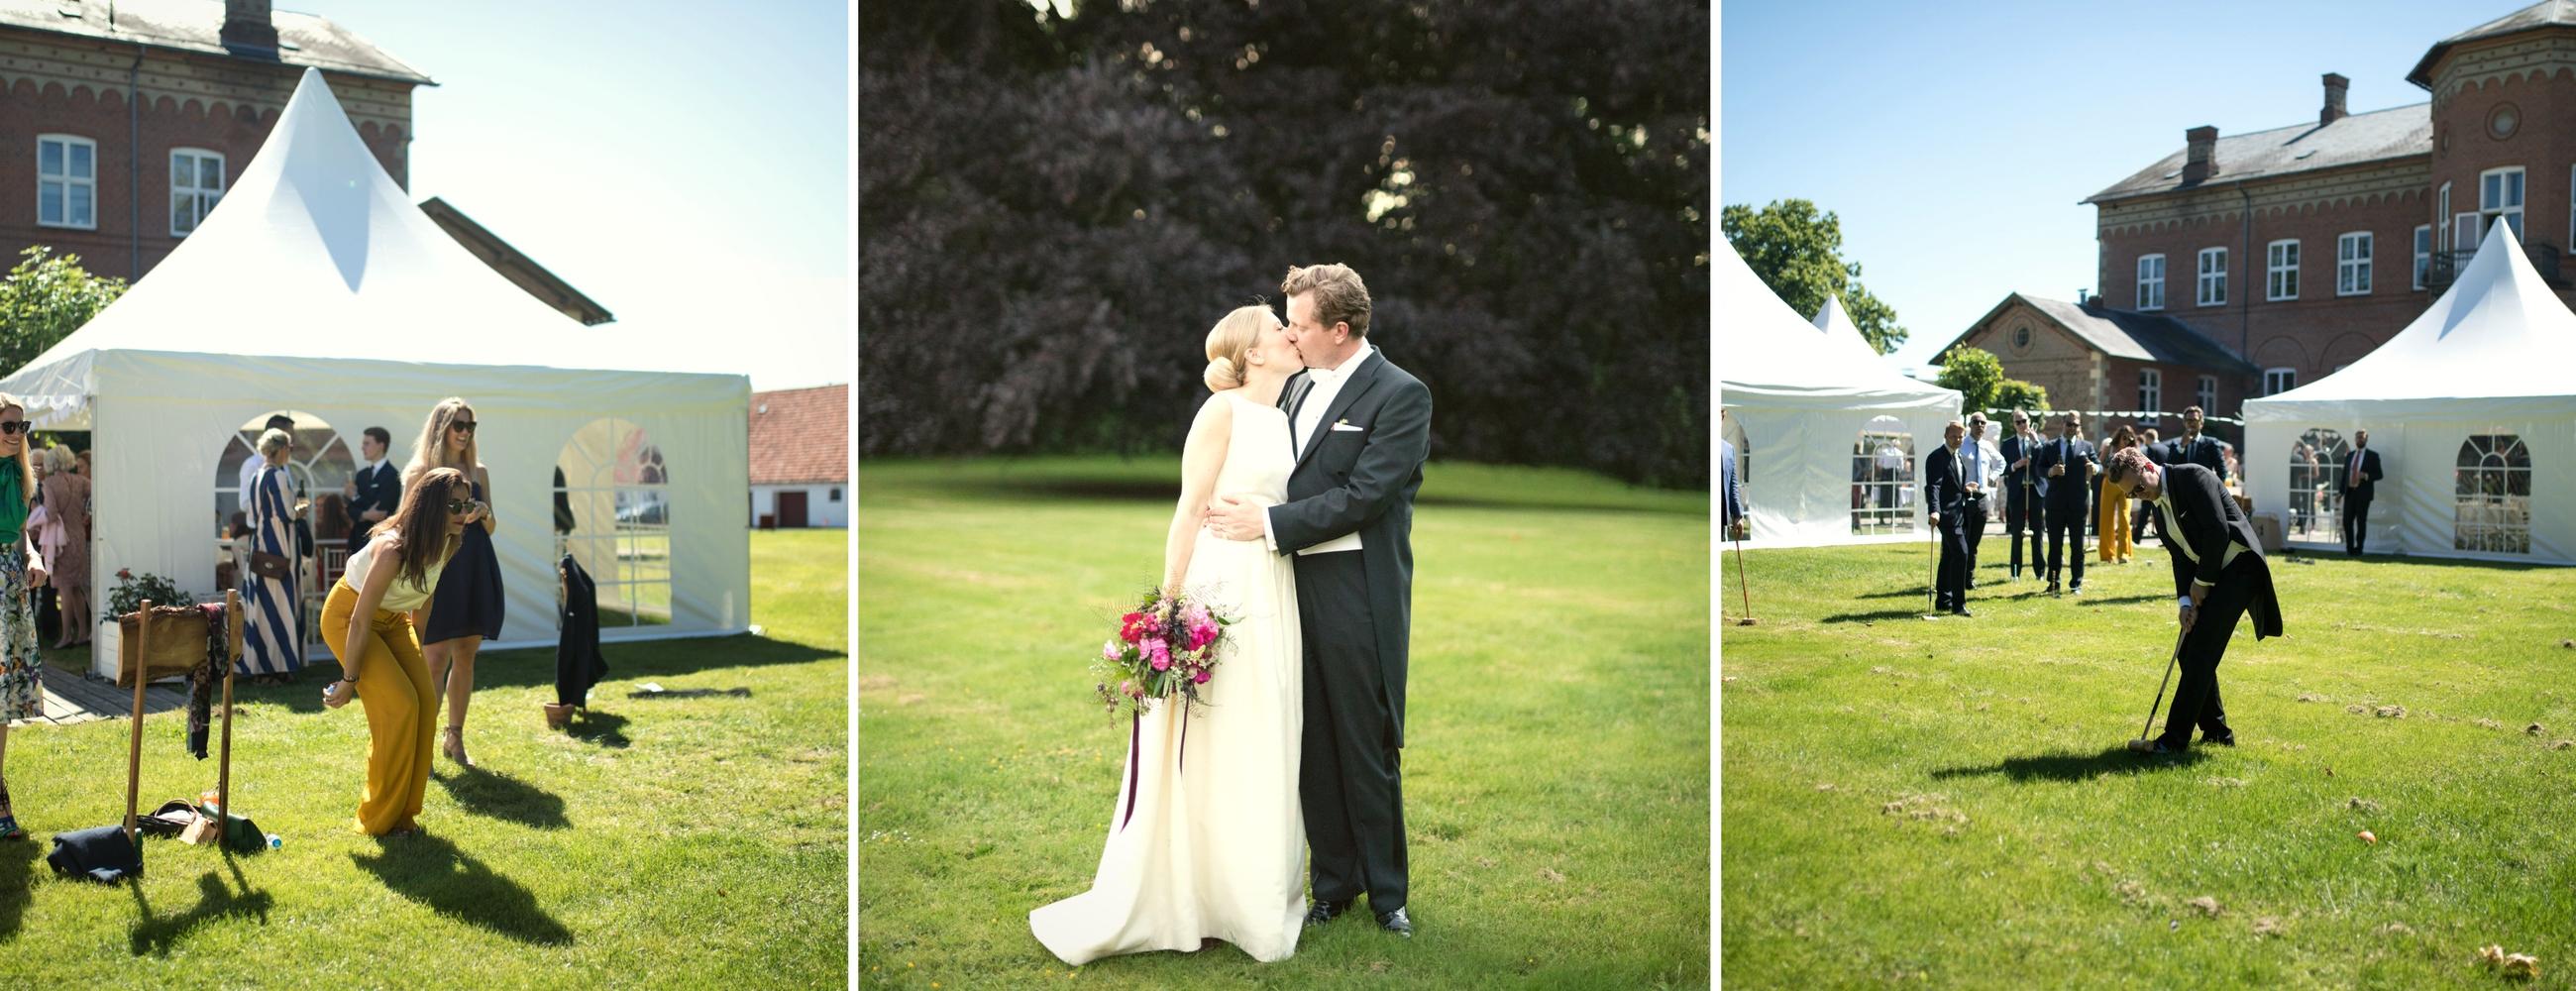 Bryllupsfest | Gyldenholm Gods